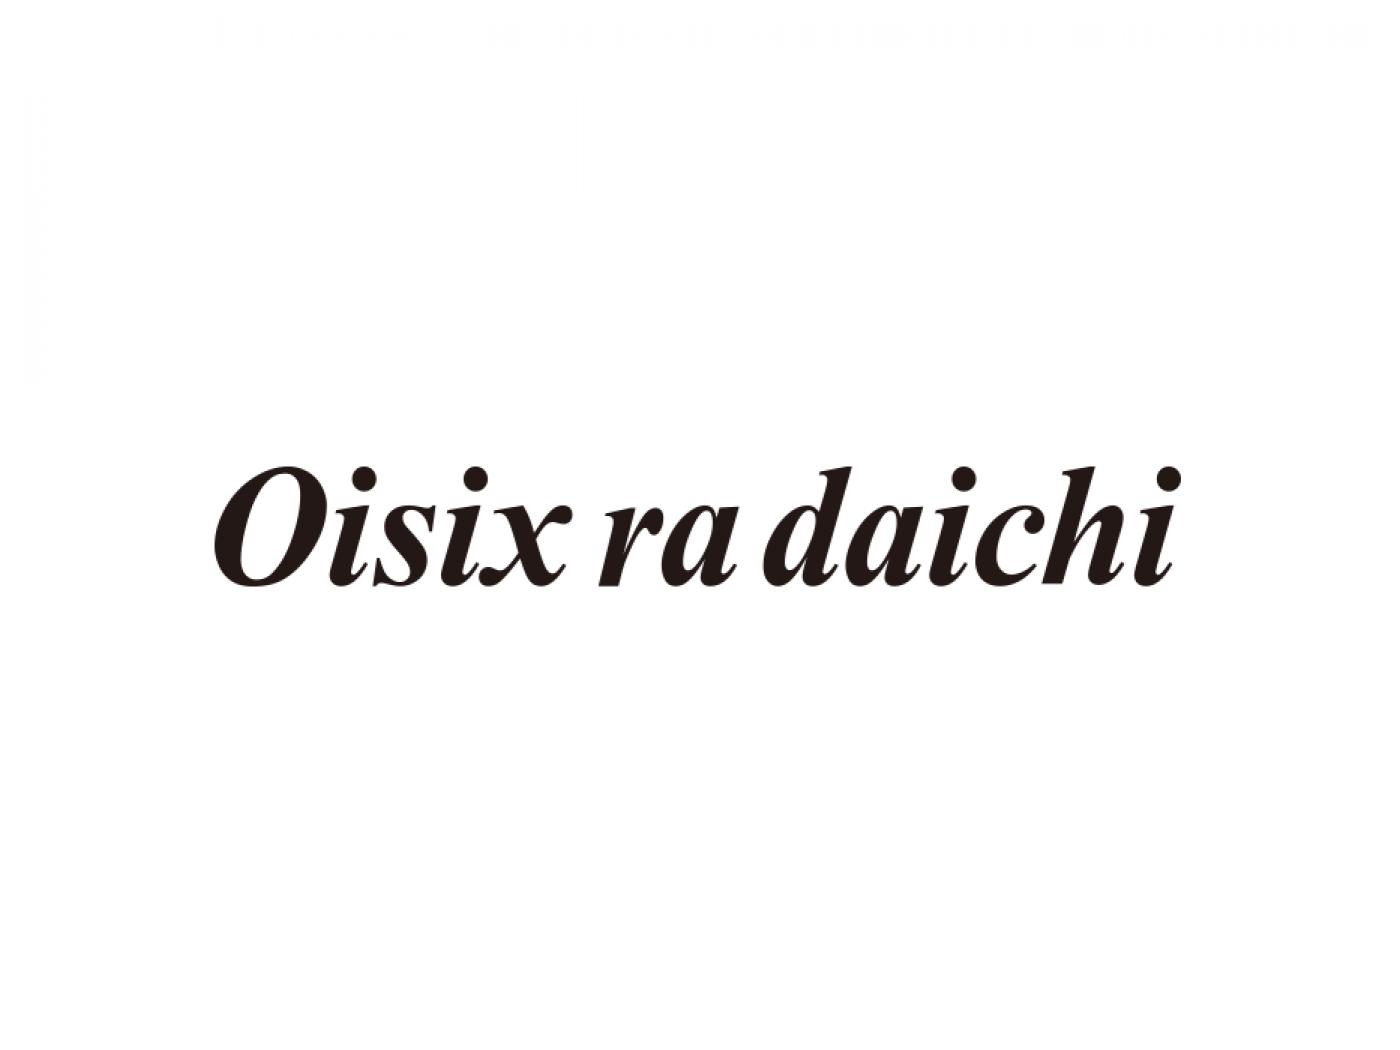 オイシックス・ラ・大地株式会社の求人|法務・パラリーガル・弁理士・知的財産の転職・求人情報なら法務求人.jp